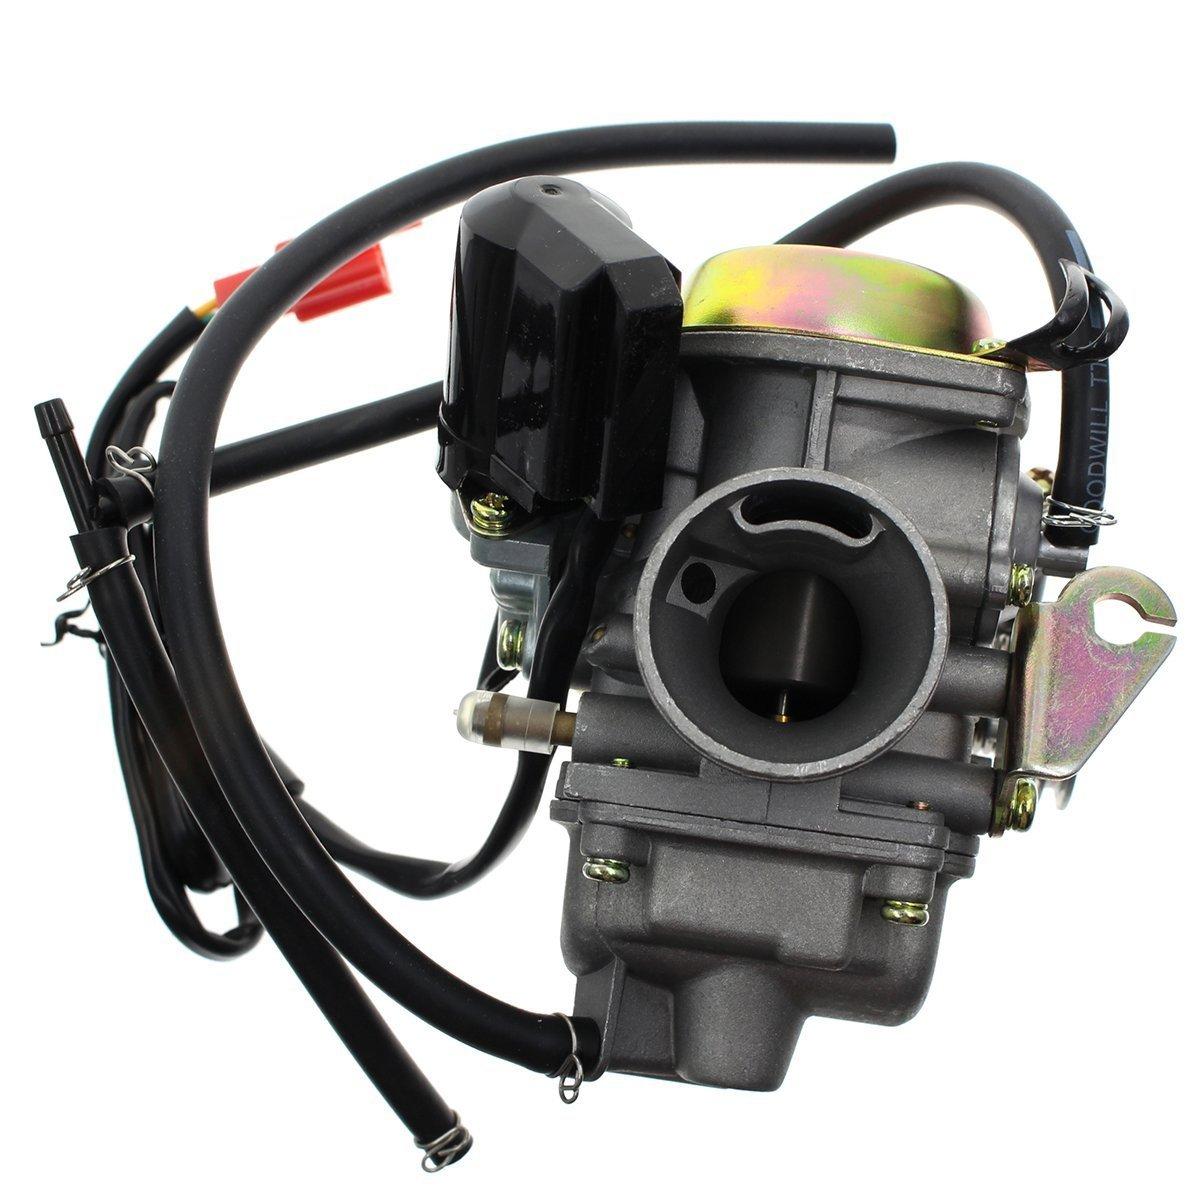 Lumix GC Carburetor For 125cc 150cc KYMCO Agility 125 150 Scooter Mopeds 125cc 150cc by Lumix GC